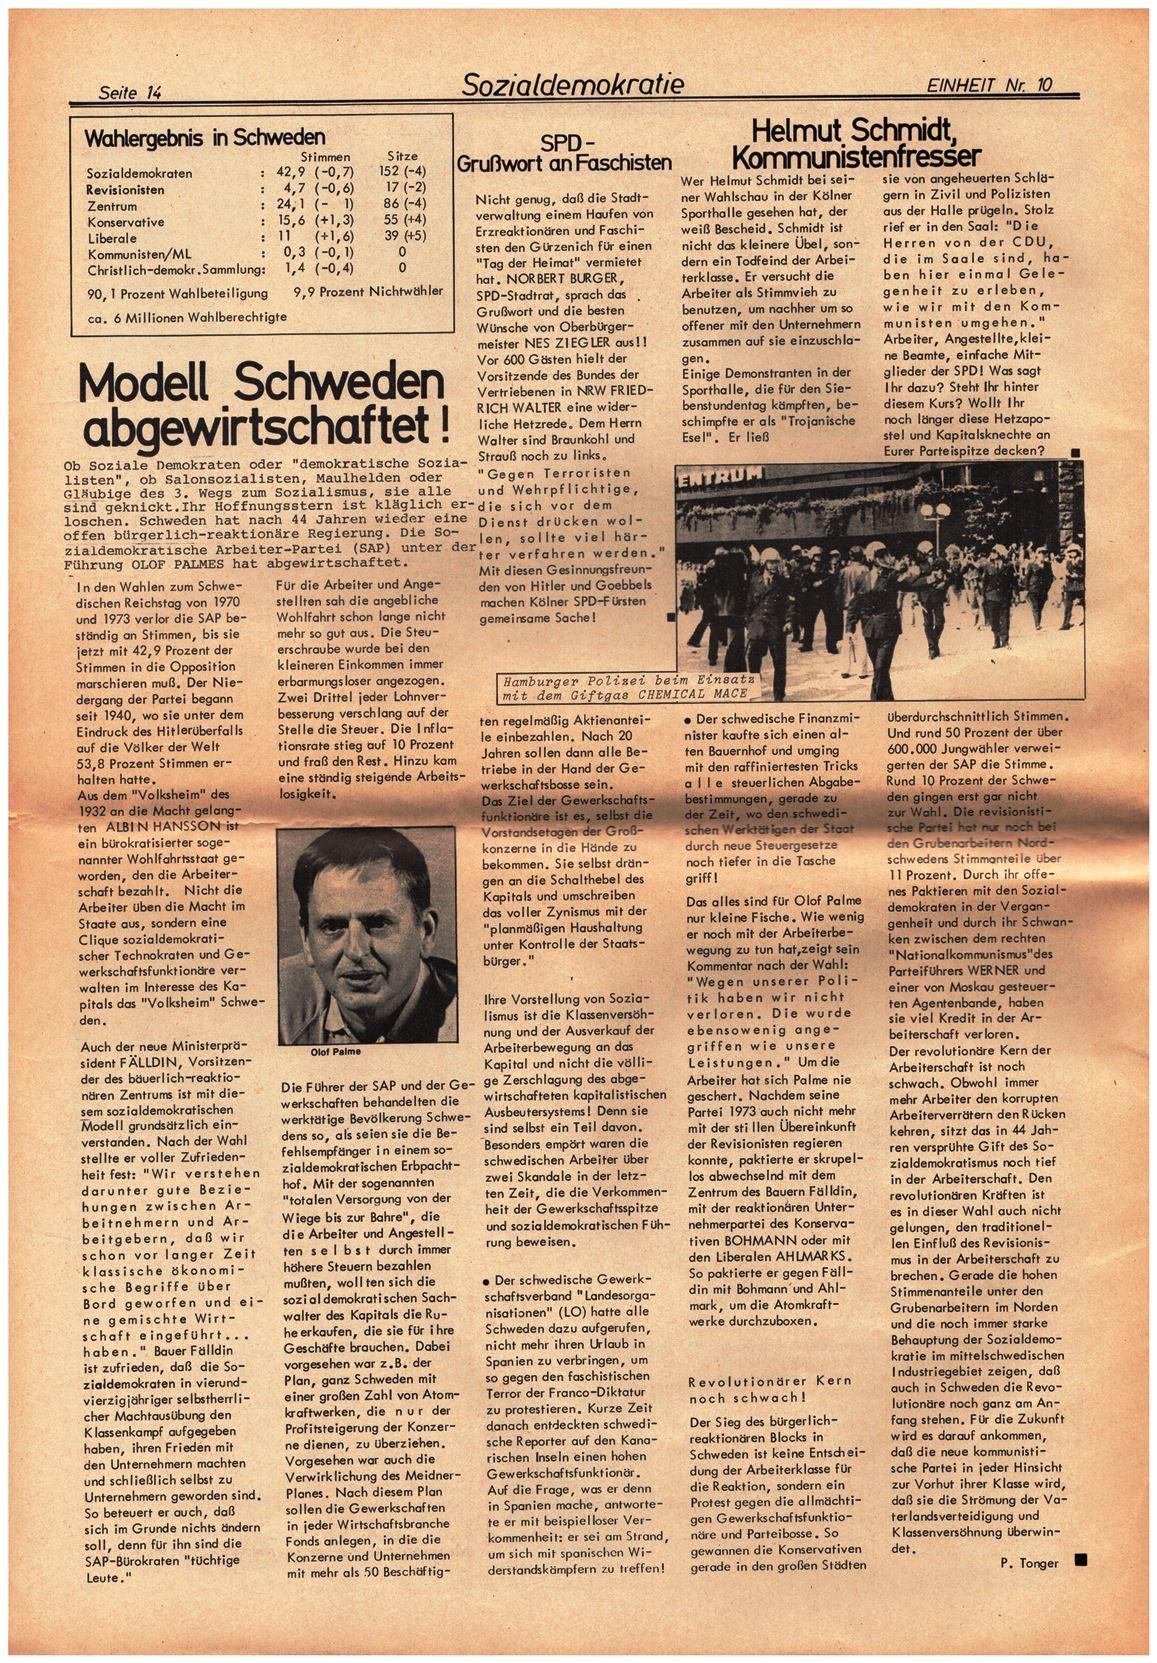 Koeln_IPdA_Einheit_1976_010_014